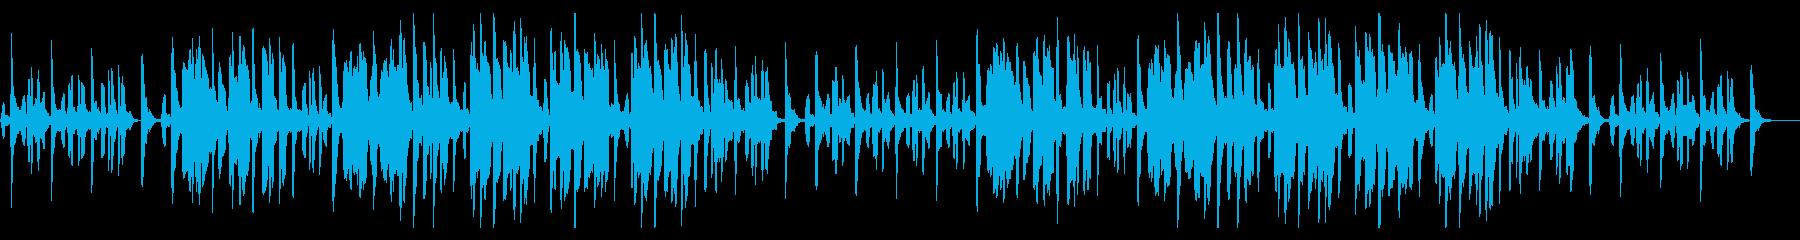 リコーダーとグロッケンのほのぼの日常系の再生済みの波形